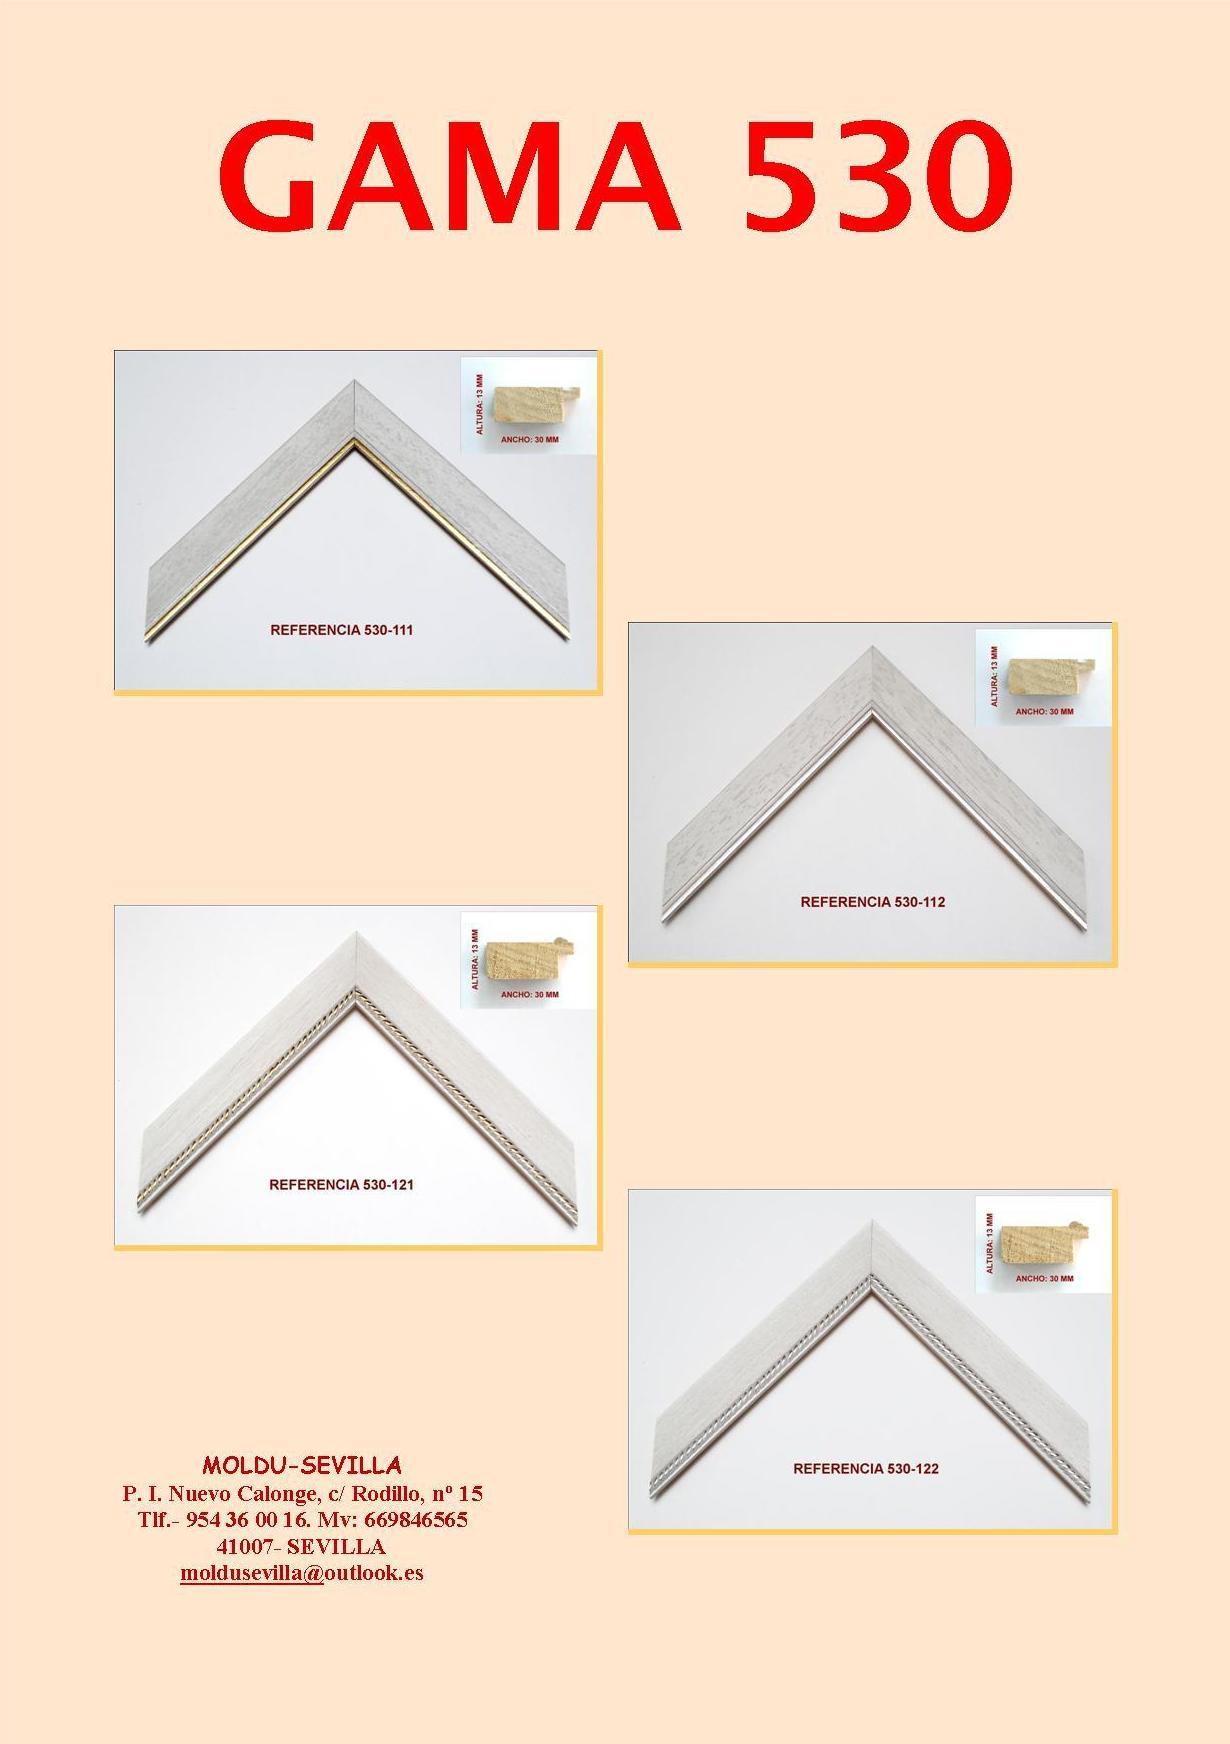 GAMA 530 ARPILLERAS: Muestrario de Moldusevilla